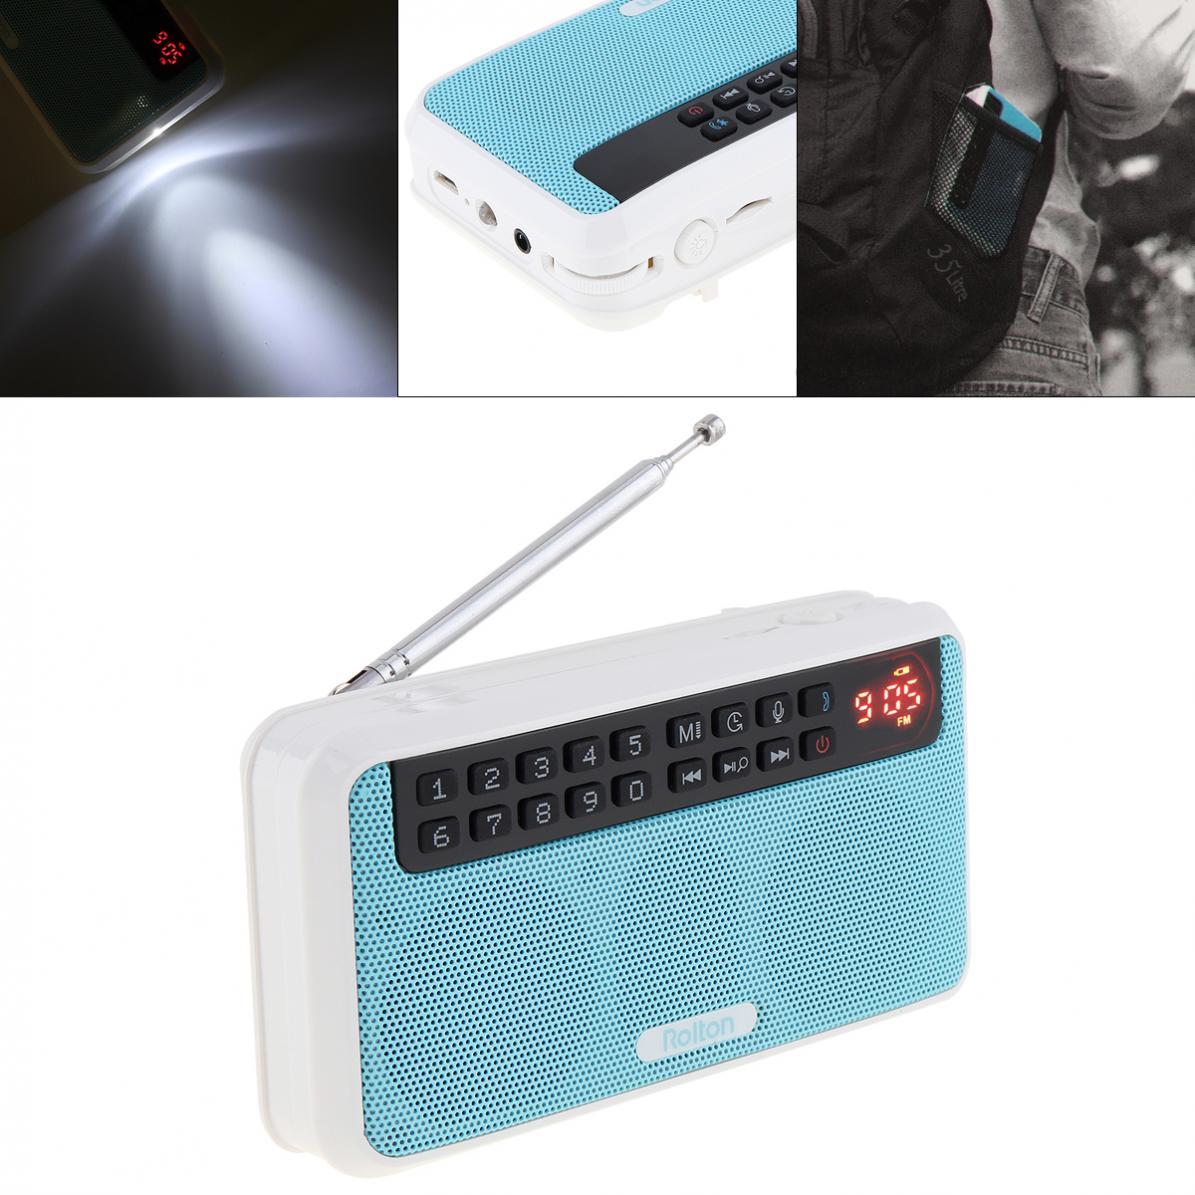 Der GüNstigste Preis E500 6 W Drahtlose Bluetooth Lautsprecher Tragbare Digitale Fm Radio Hifi Stereo Tf Musik-player Mit Led-anzeige Für Pc /ipod/telefon Tragbares Audio & Video